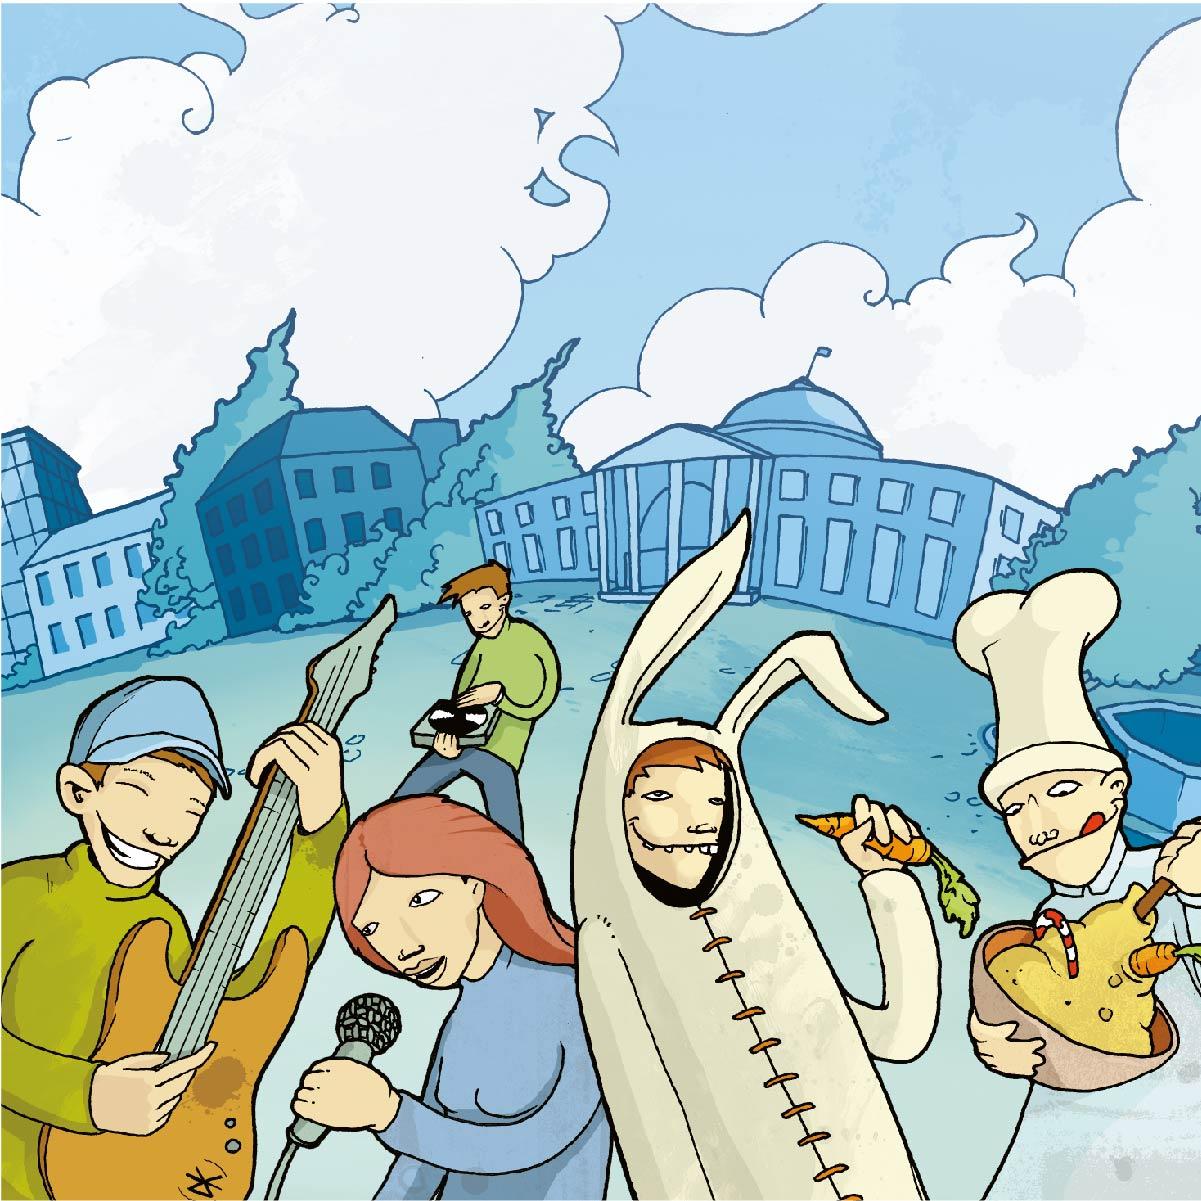 Comic Style, Teenager, Pubertät, Freizeit, Handzeichnung coloriert unangepasst Wiesbaden Kurhaus Verkleidung Outlines